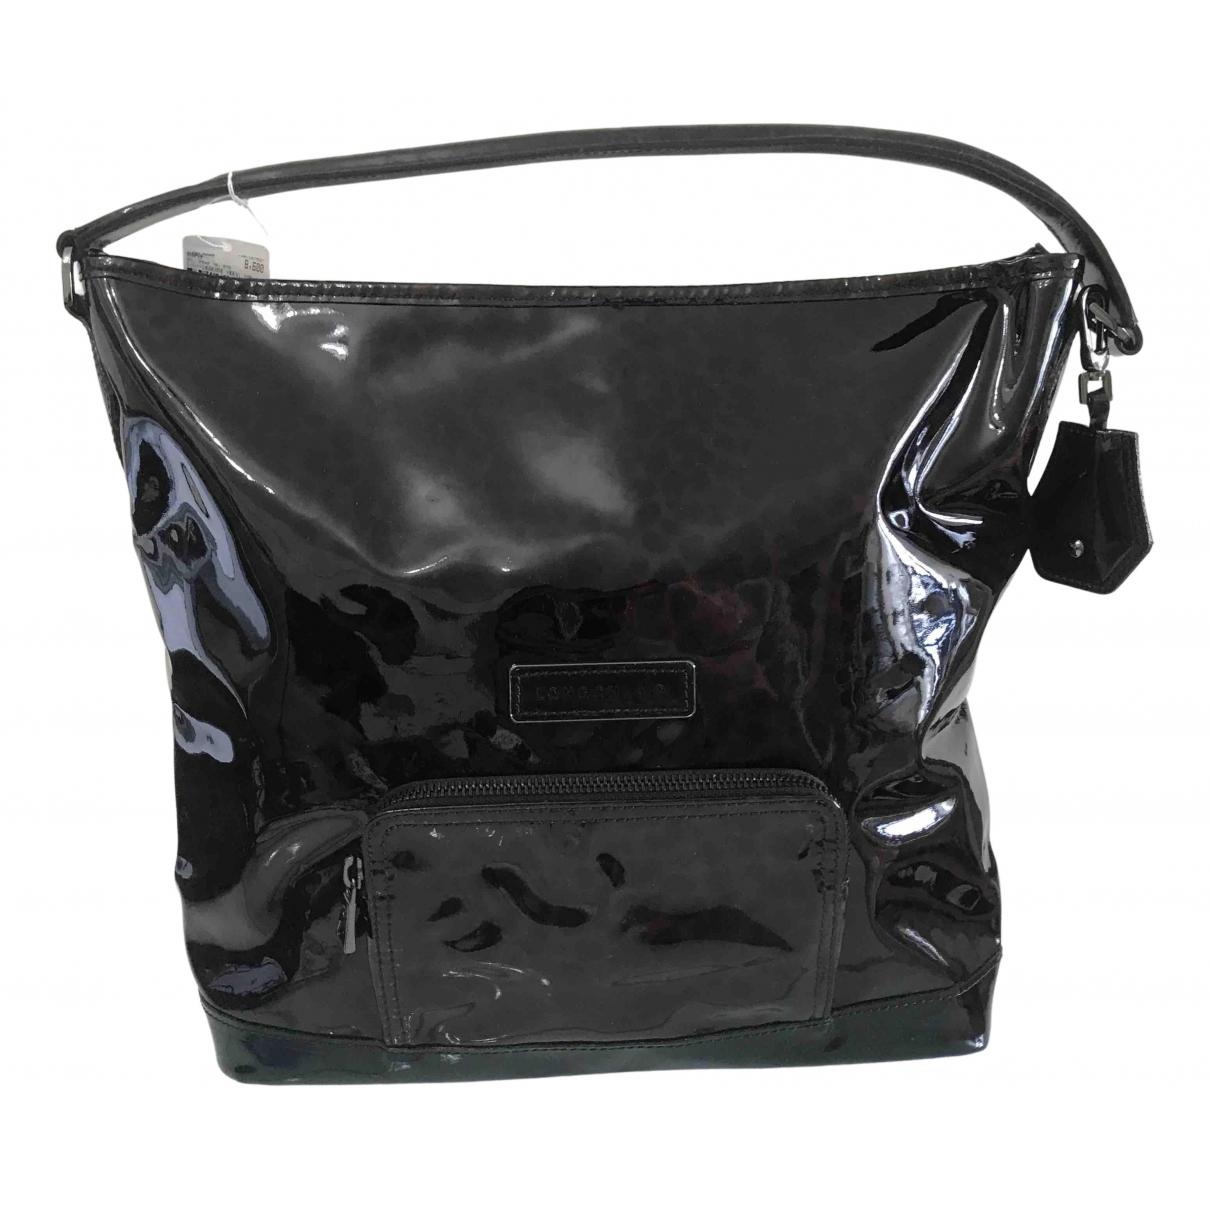 Longchamp - Sac a main   pour femme - noir